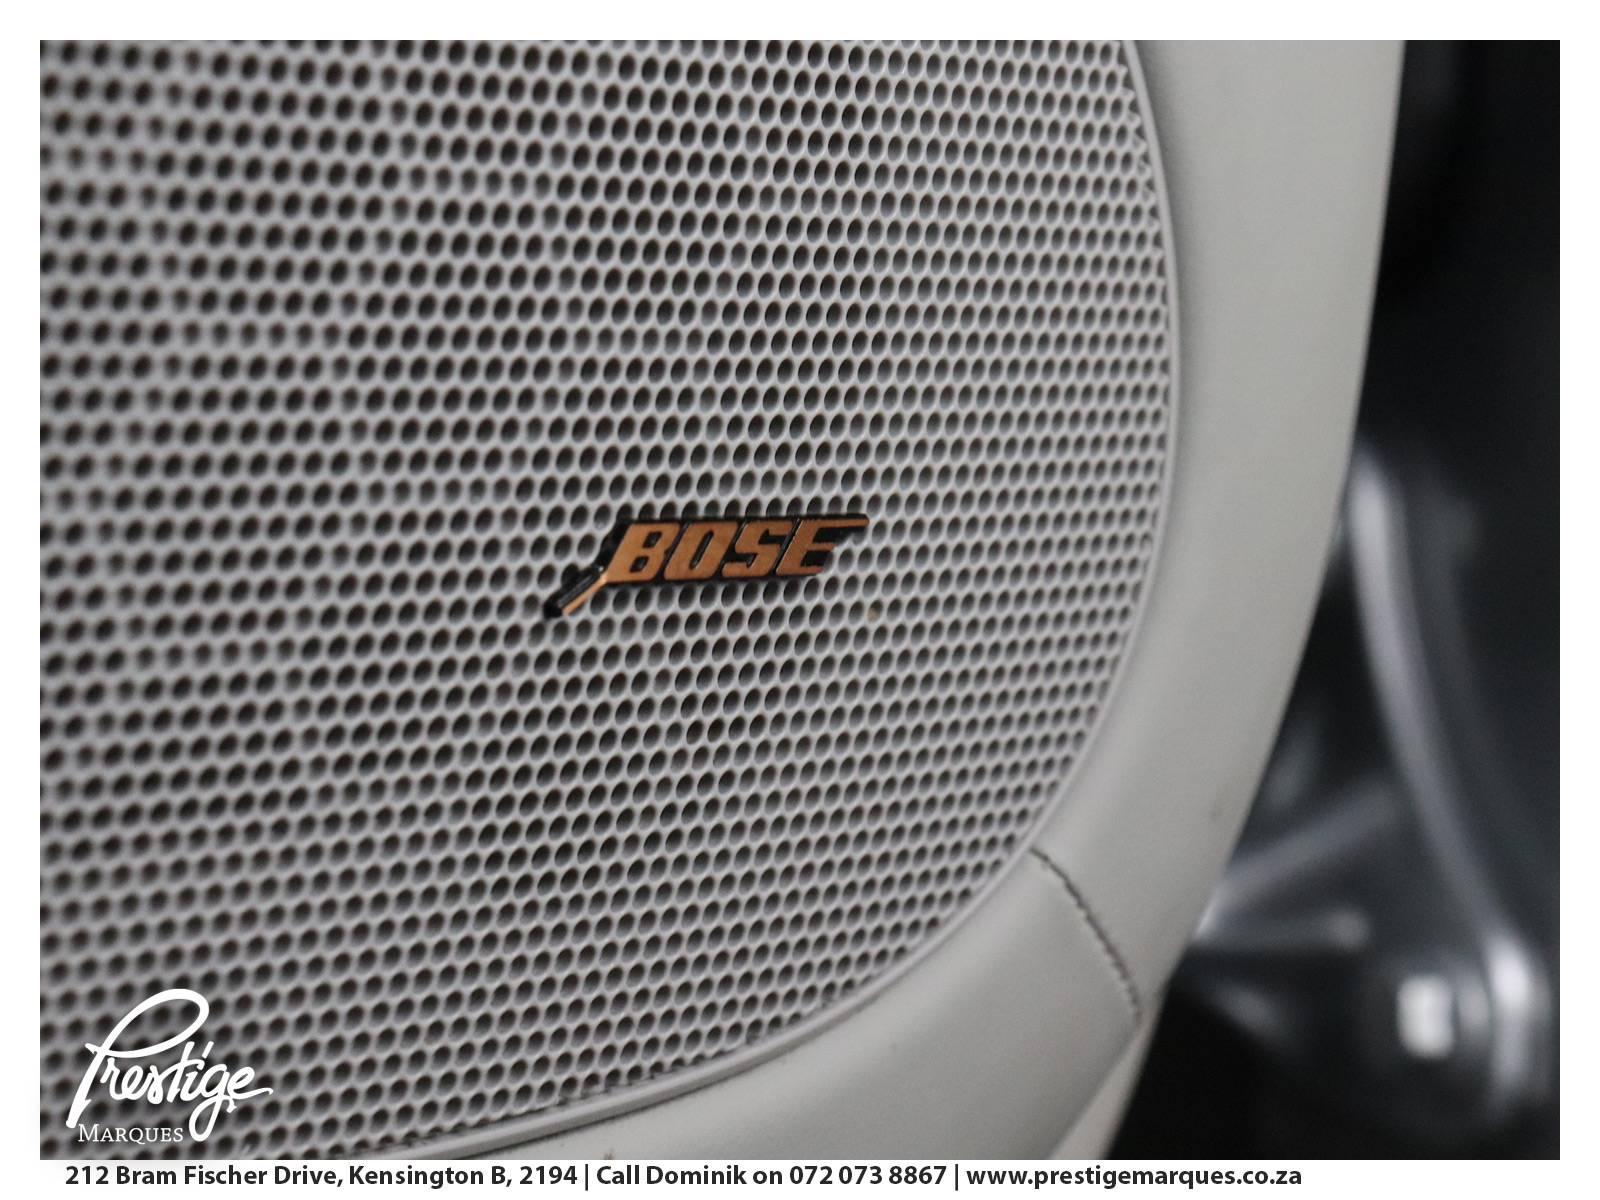 2007-Mercedes-benz-sl500-203-facelift-Prestige-Marques-Randburg-Sandton-20